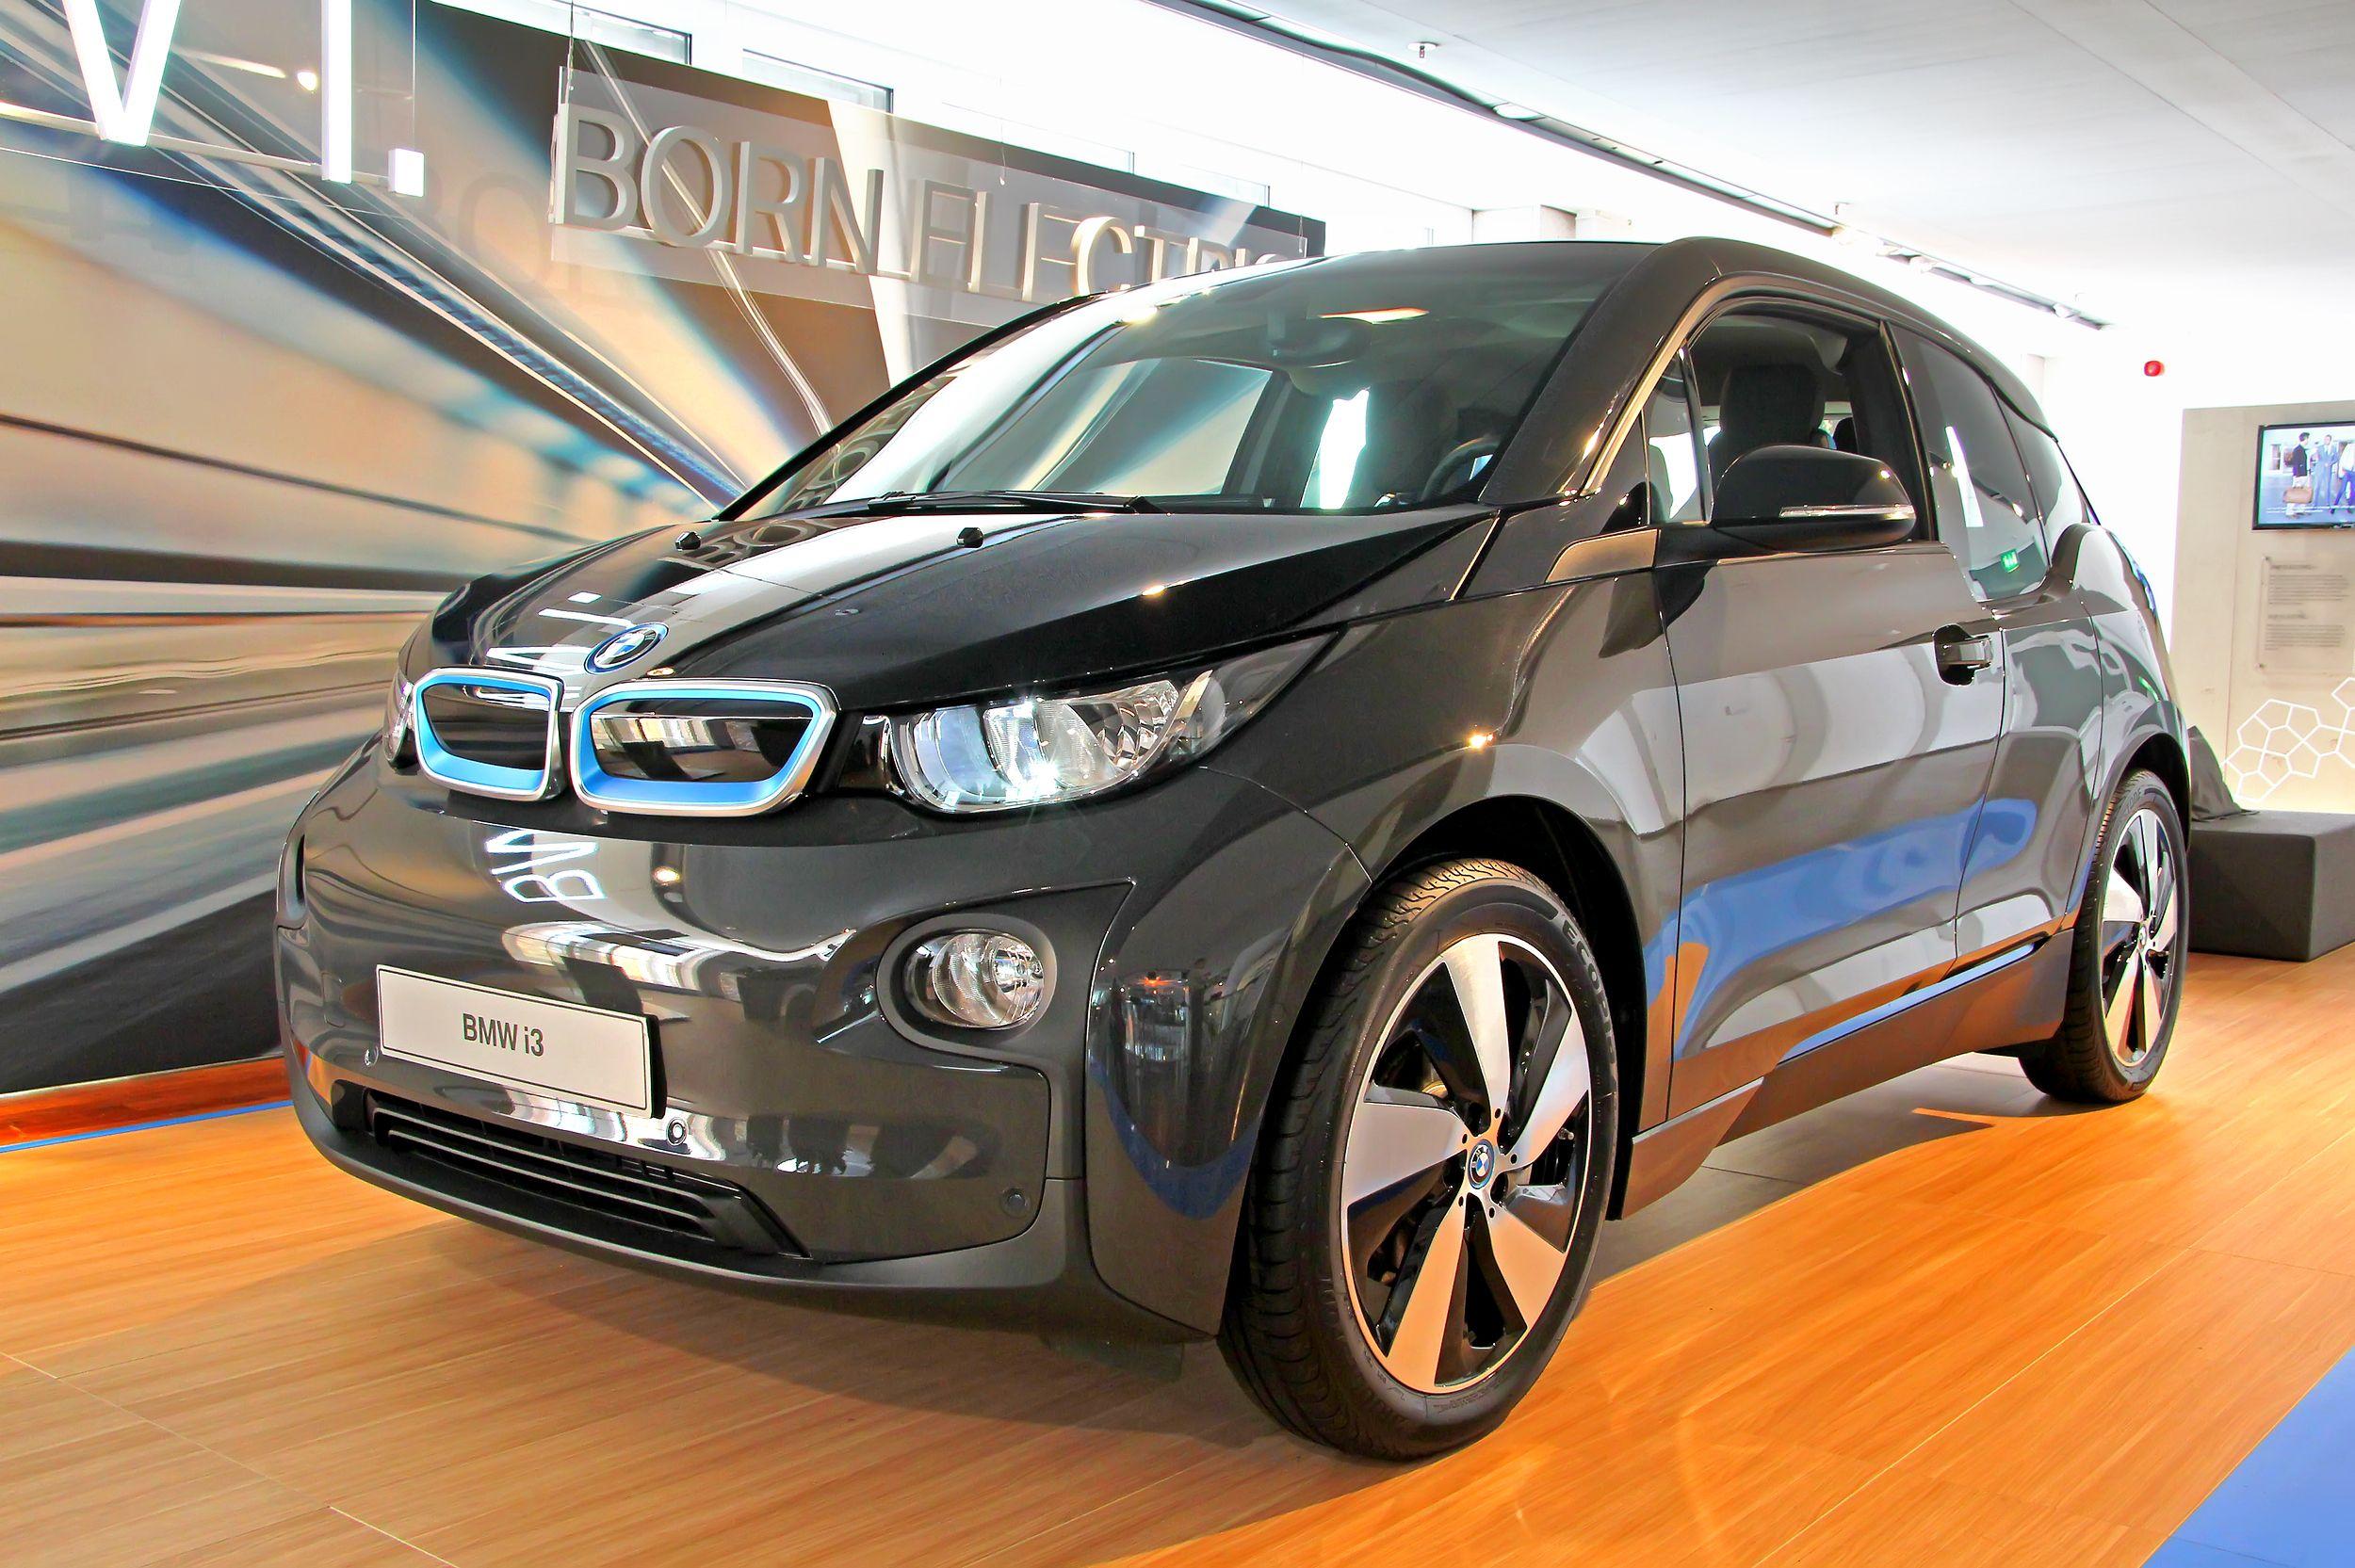 Elbiler kommer i mange varianter. Dette er BMWs i3. Foto: Art Konovalov/Shutterstock.com